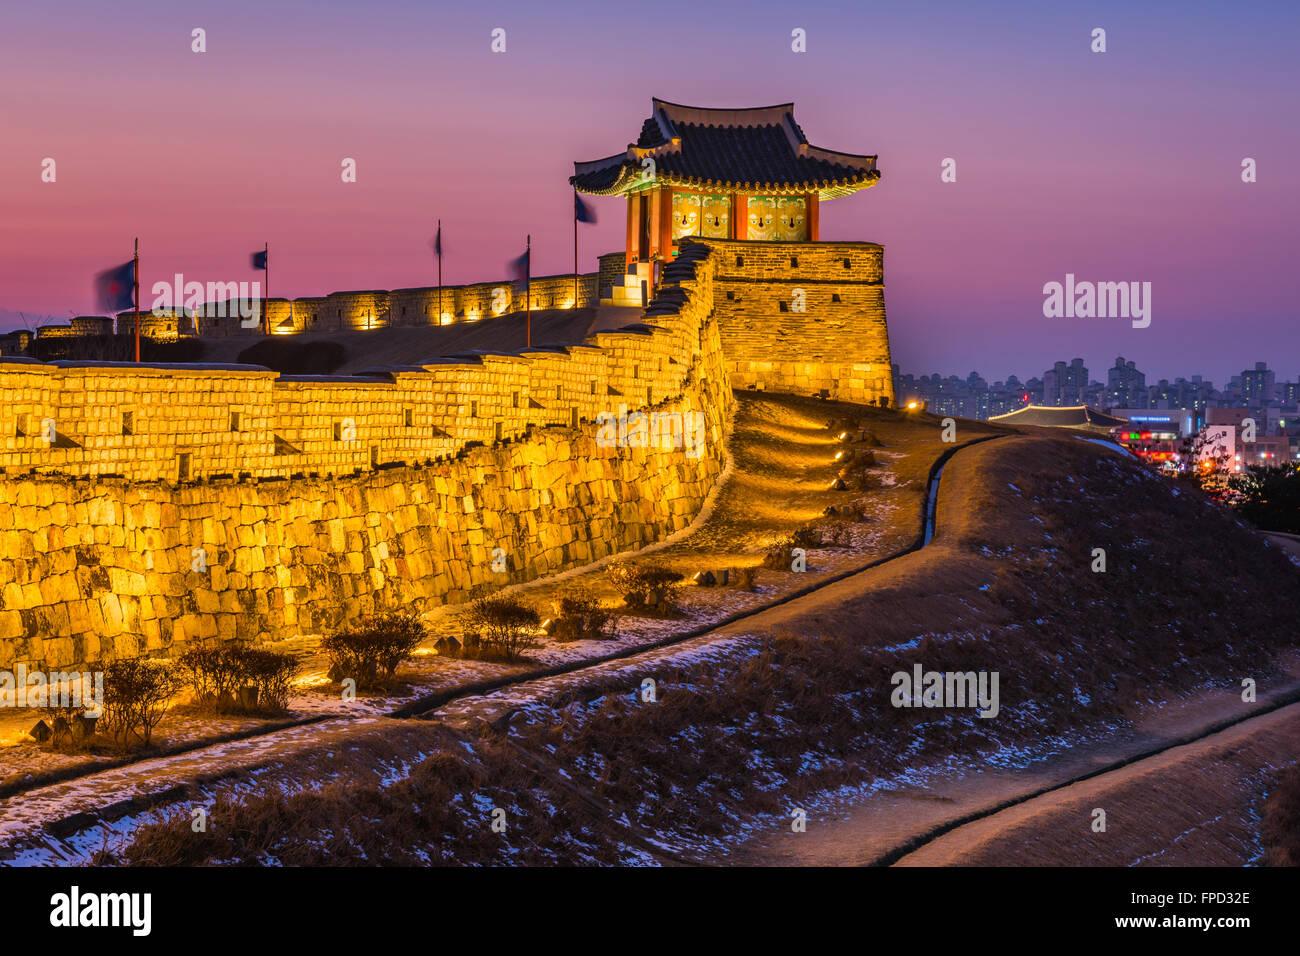 Corea, puesta de sol en la fortaleza de Hwaseong en Suwon, Corea del Sur. Imagen De Stock